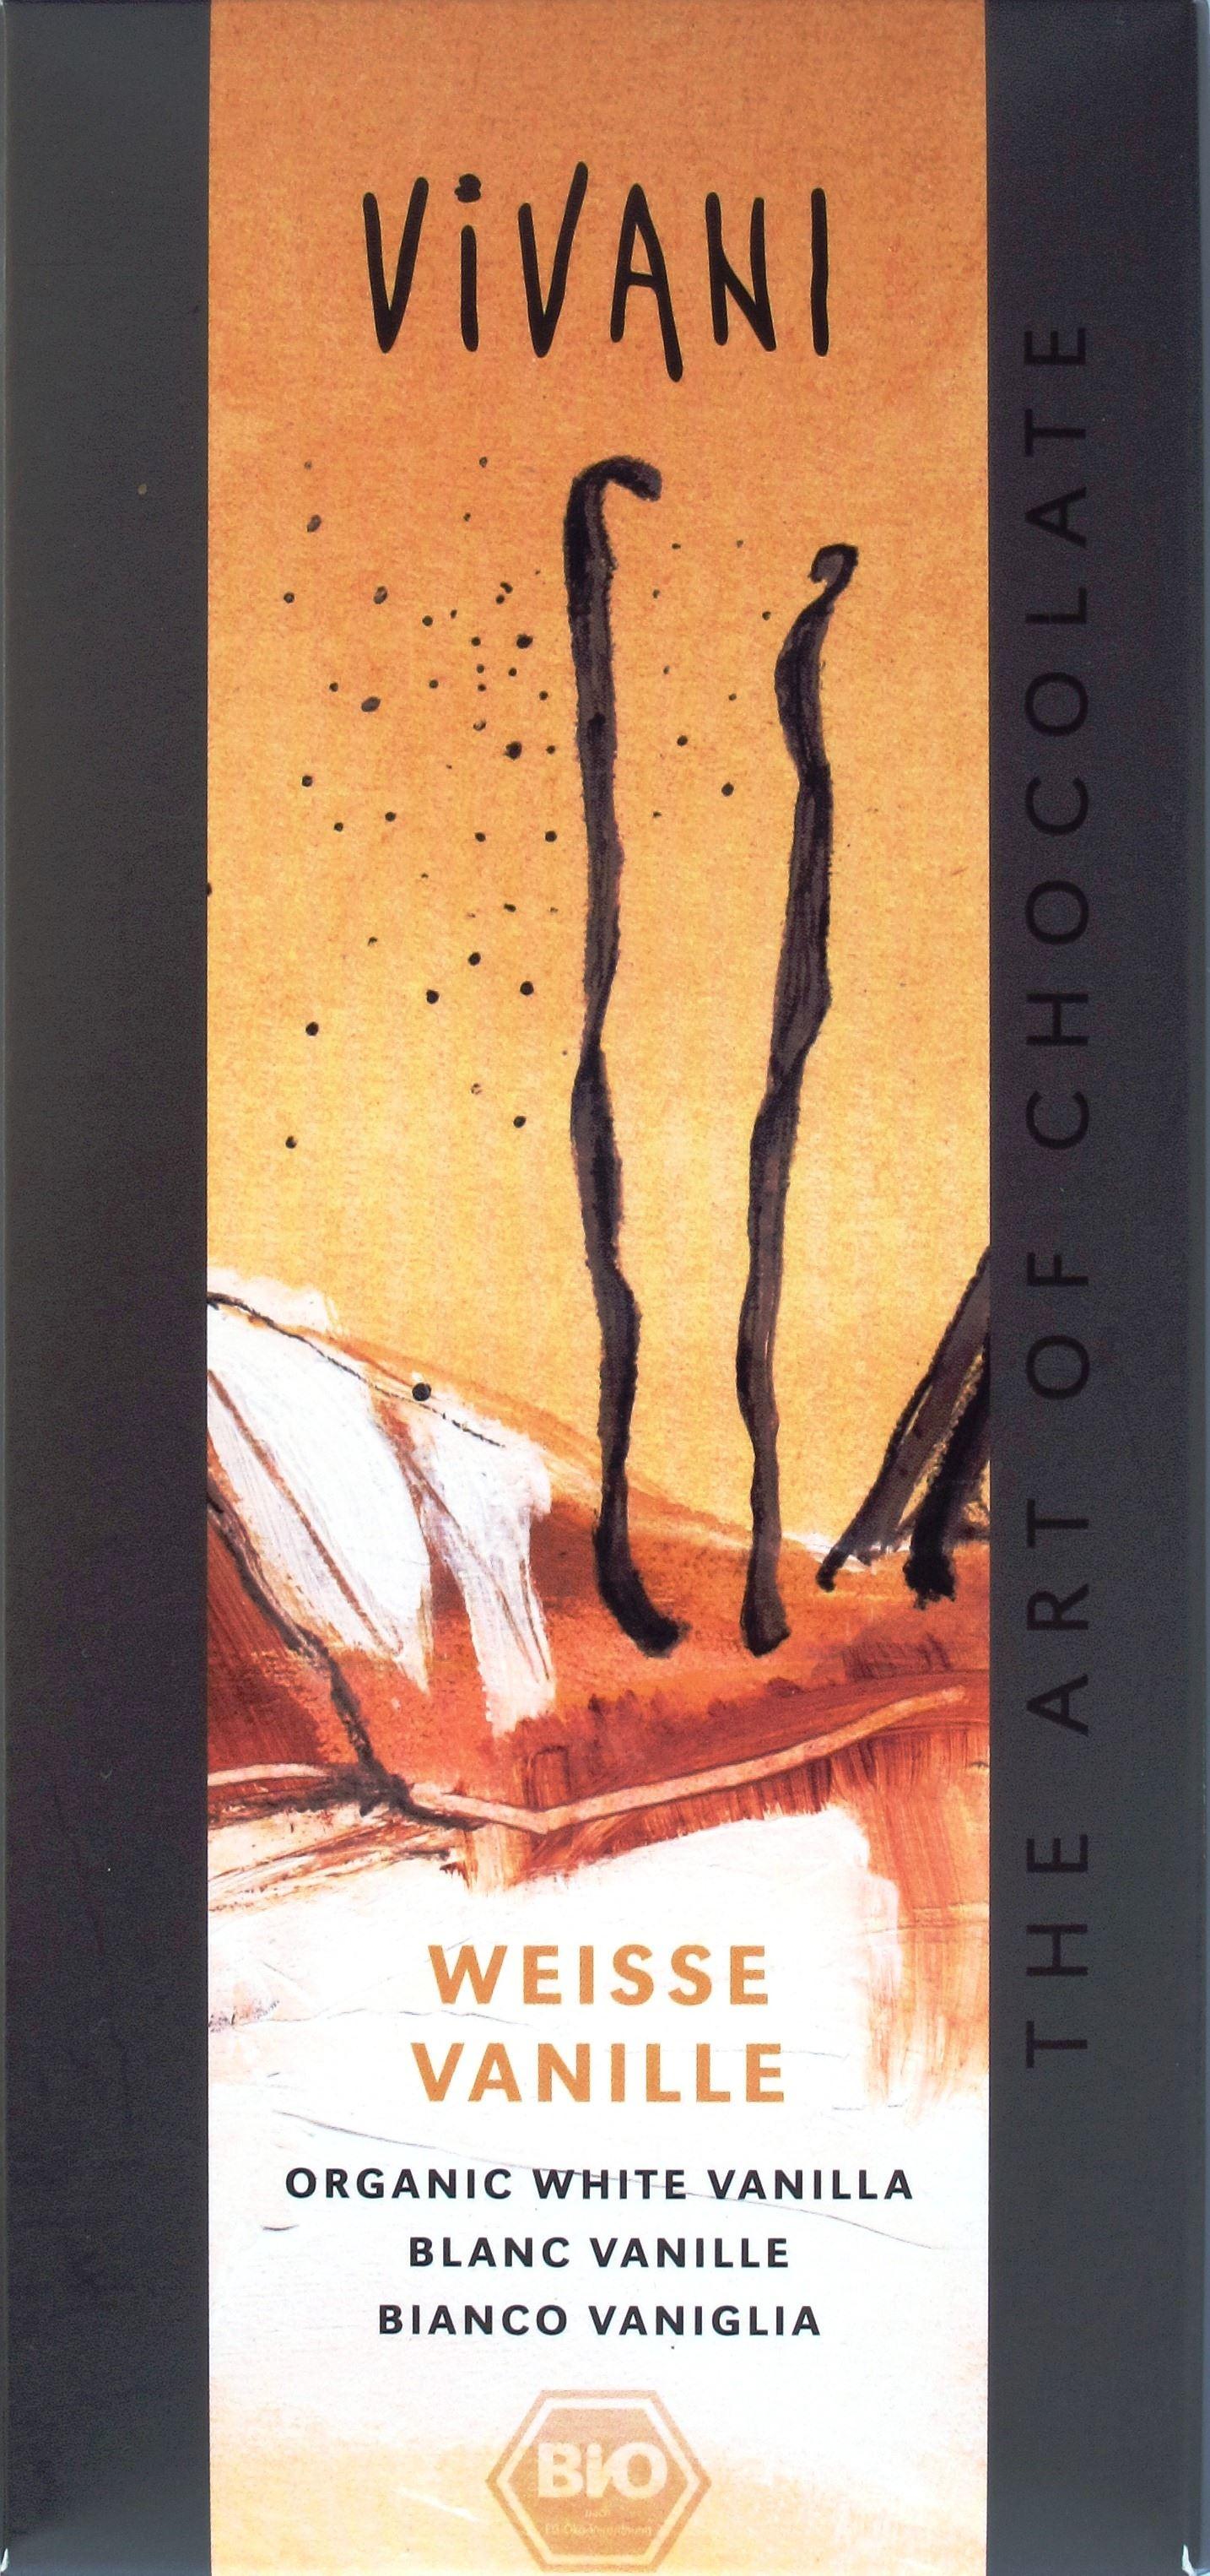 Vivani Weiße Vanille-Schokolade